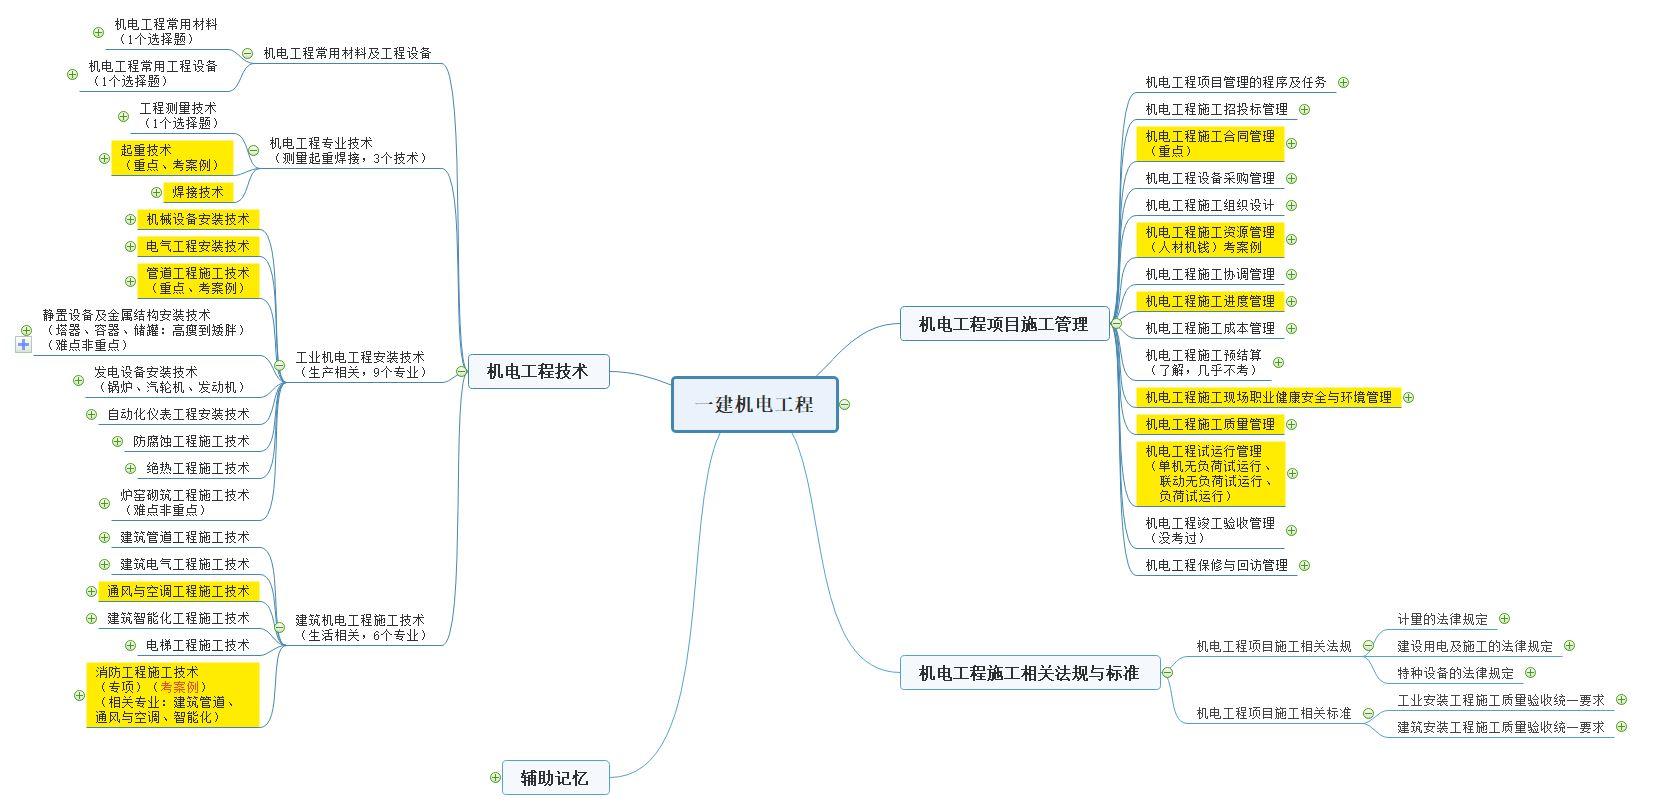 一建机电工程思维导图1H411020 机电工程常用工程设备